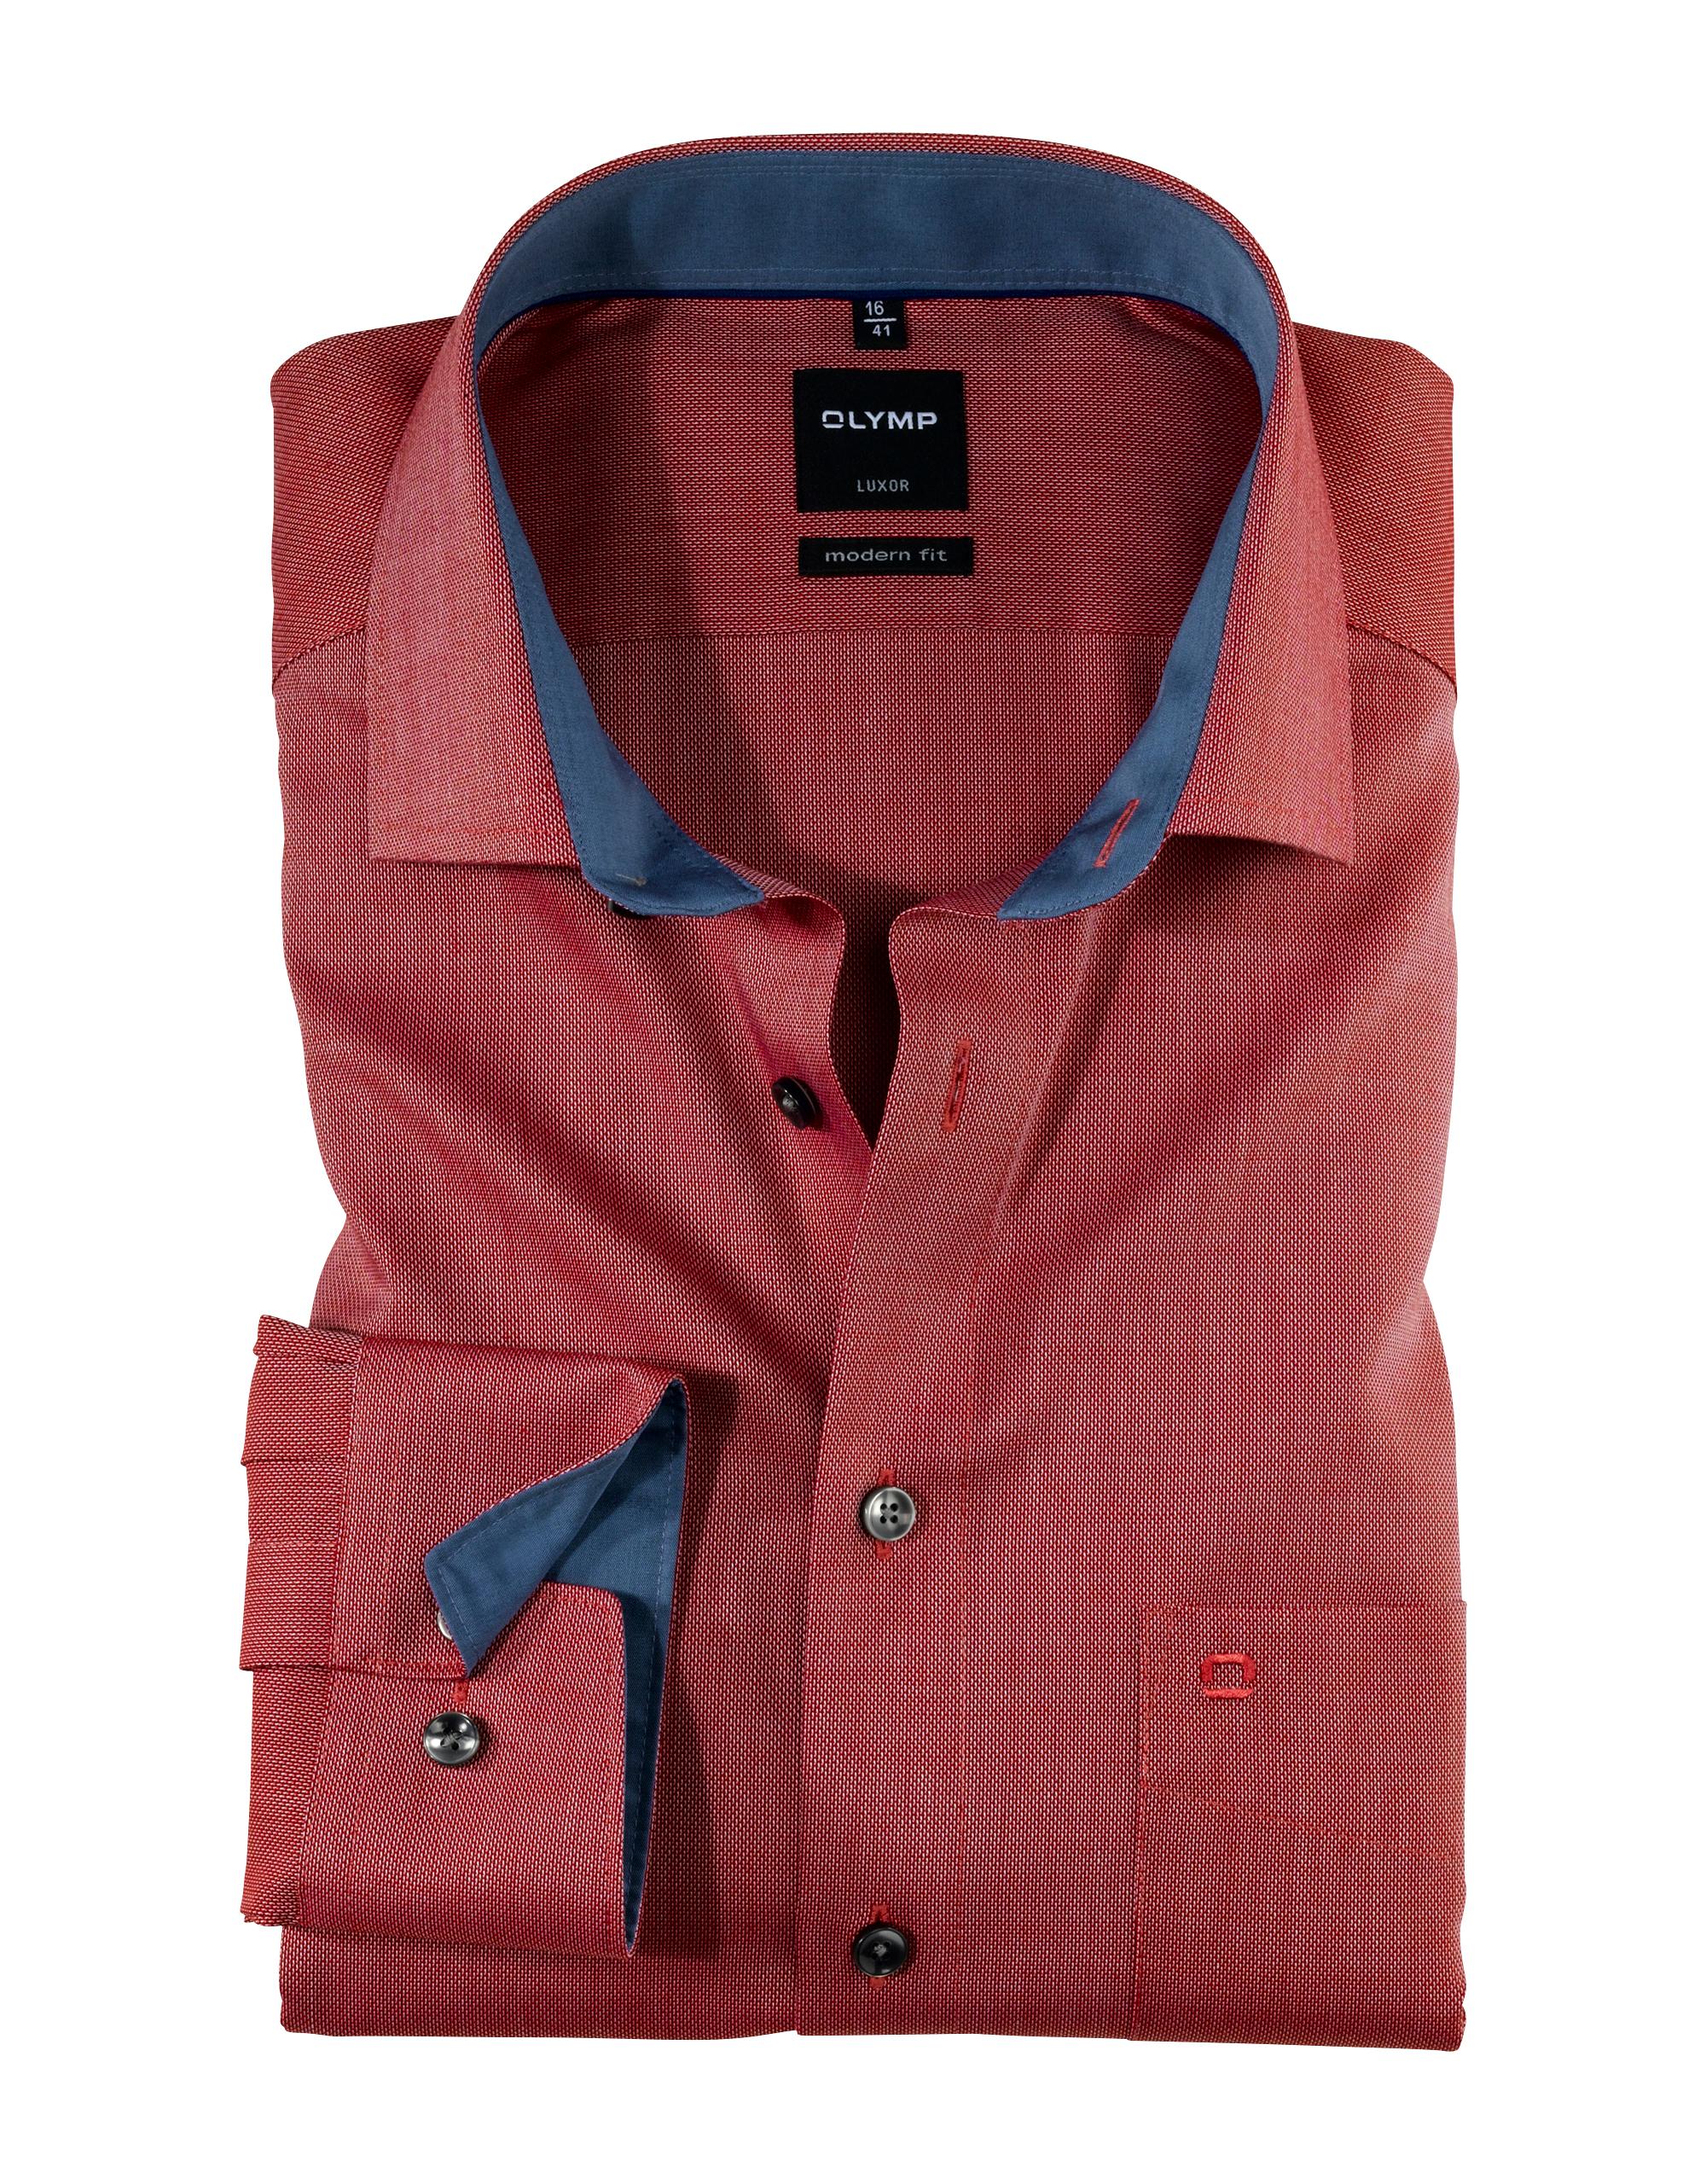 OLYMP Luxor Hemd, modern fit, Global Kent, Rot, 48 | Bekleidung > Hemden > Sonstige Hemden | Rot | 100% baumwolle | OLYMP Luxor